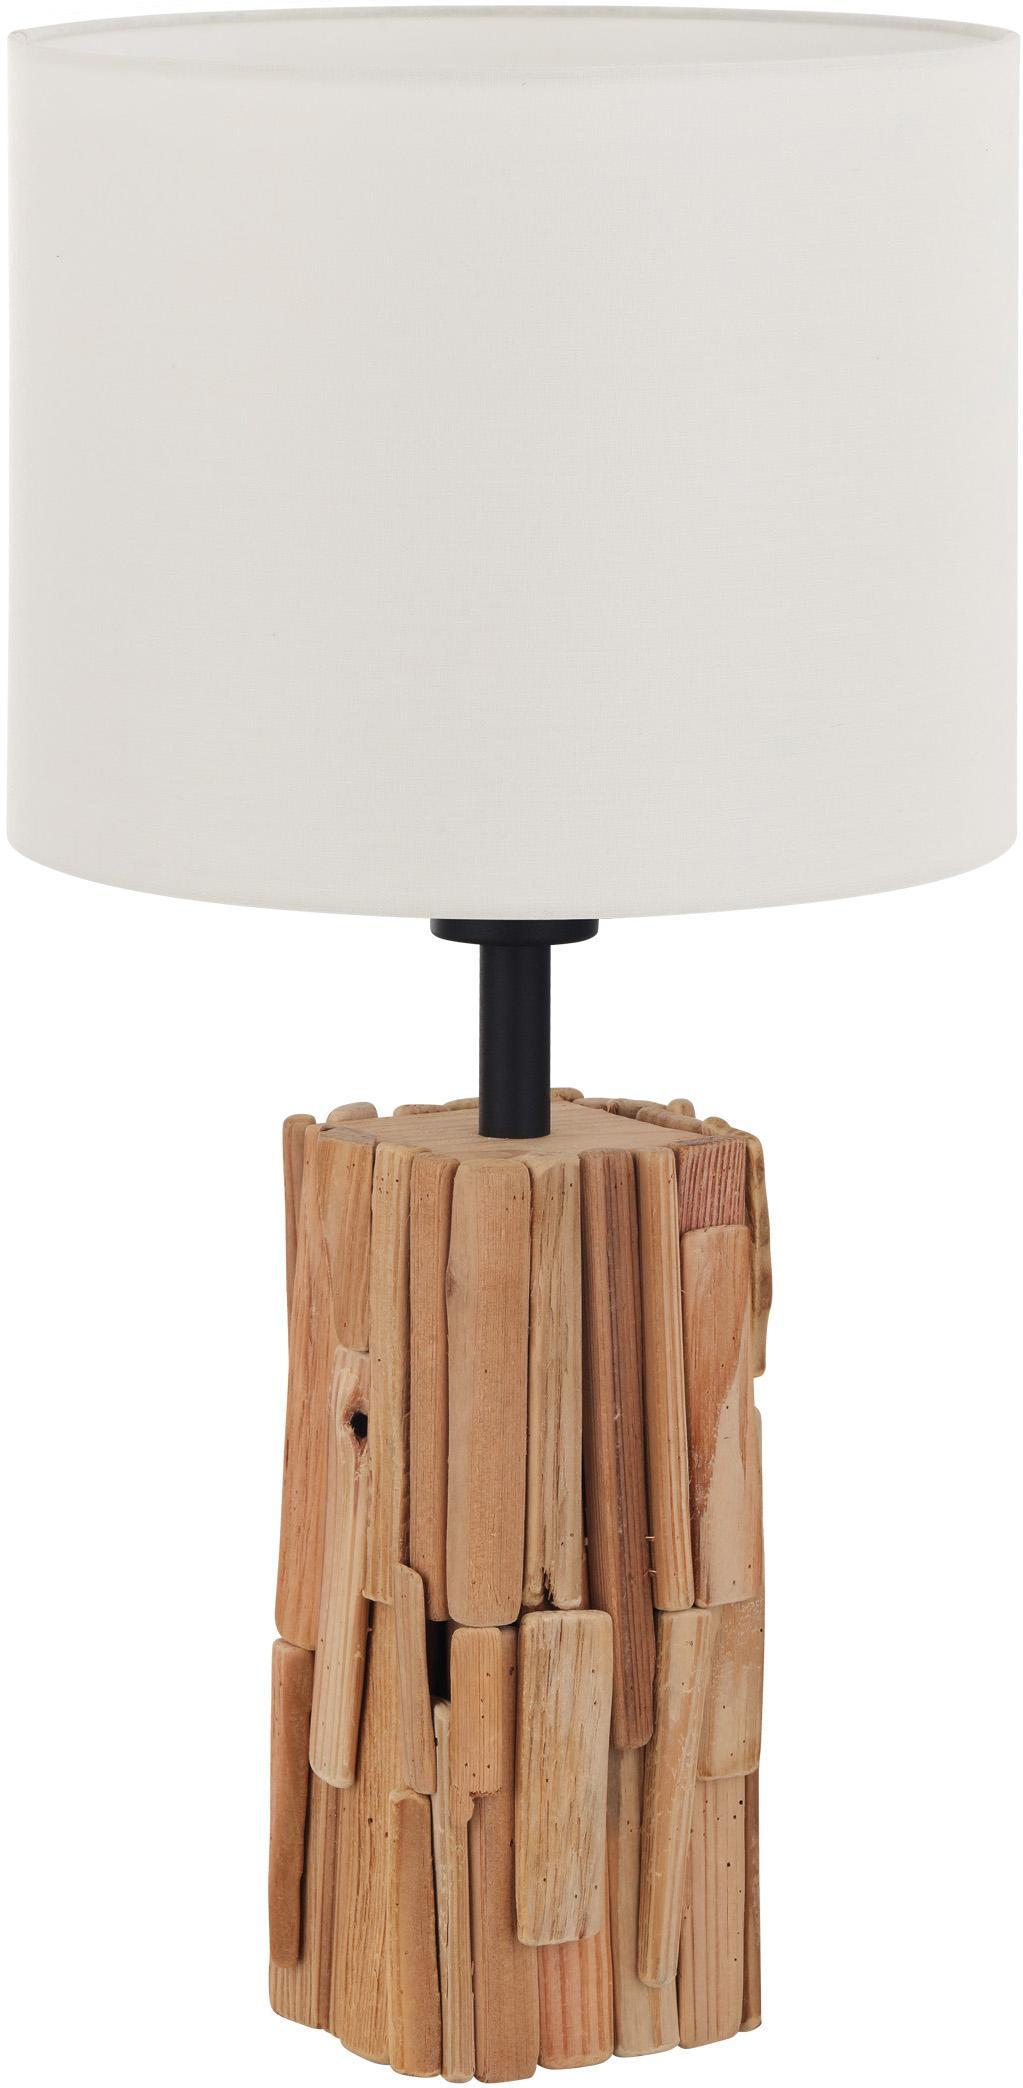 Lámpara de mesa Portishead, Pantalla: lino, Estructura: metal pintado, Marrón, blanco, Ø 26 x Al 54 cm